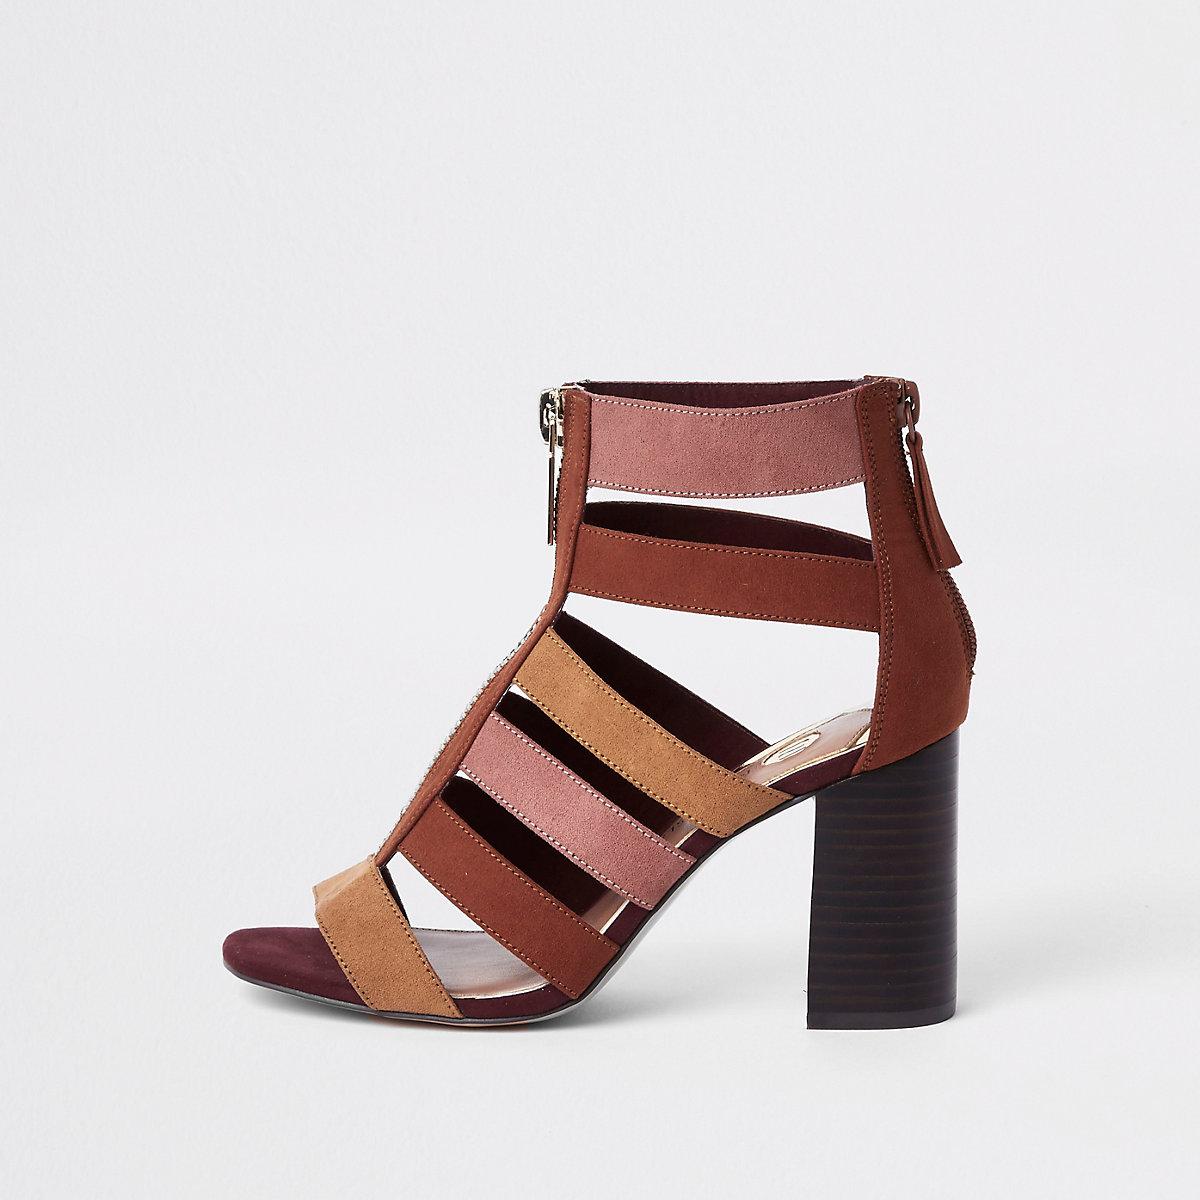 dd60df9efcbe4 Chaussures colour block beige à talon carré effet cage - Sandales ...